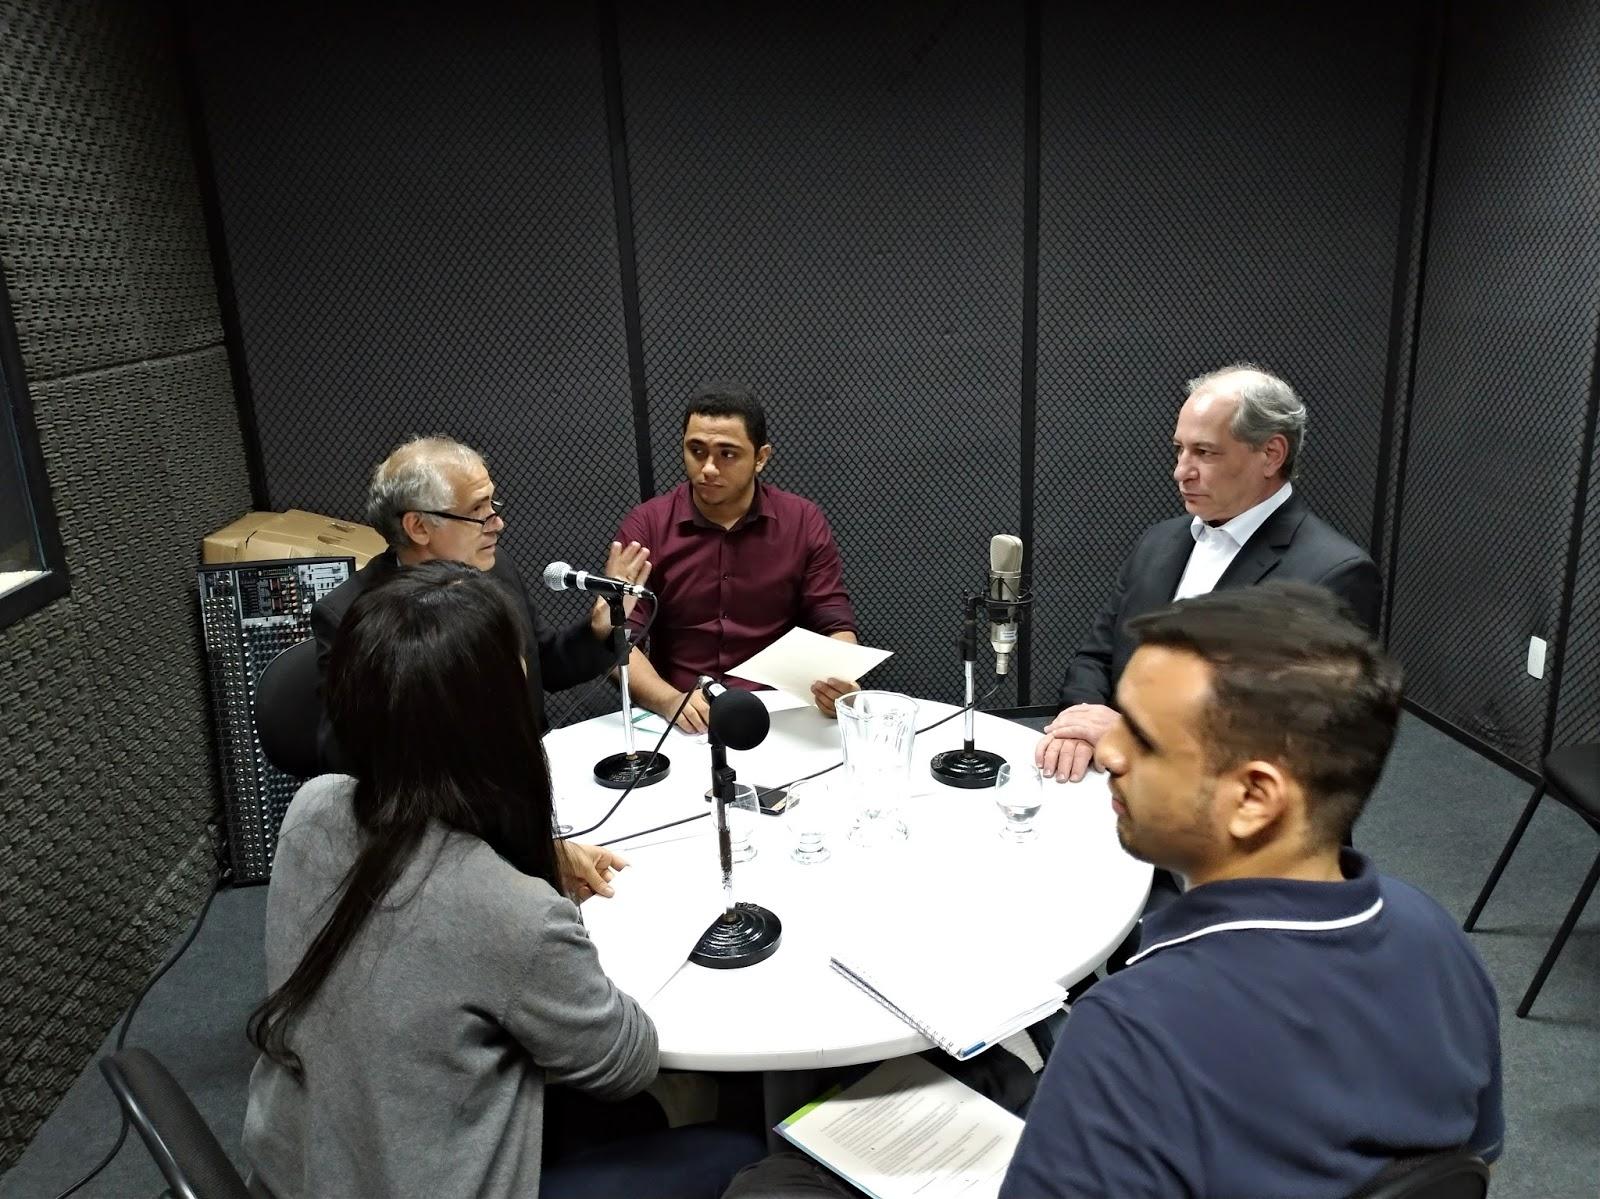 818be7bc55f4b Confira entrevista na integra que o presidenciável Ciro Gomes (PDT)  concedeu para o programa Sala de Redação Especial da Rádio Fortaleza FM  90,7 que vai ao ...